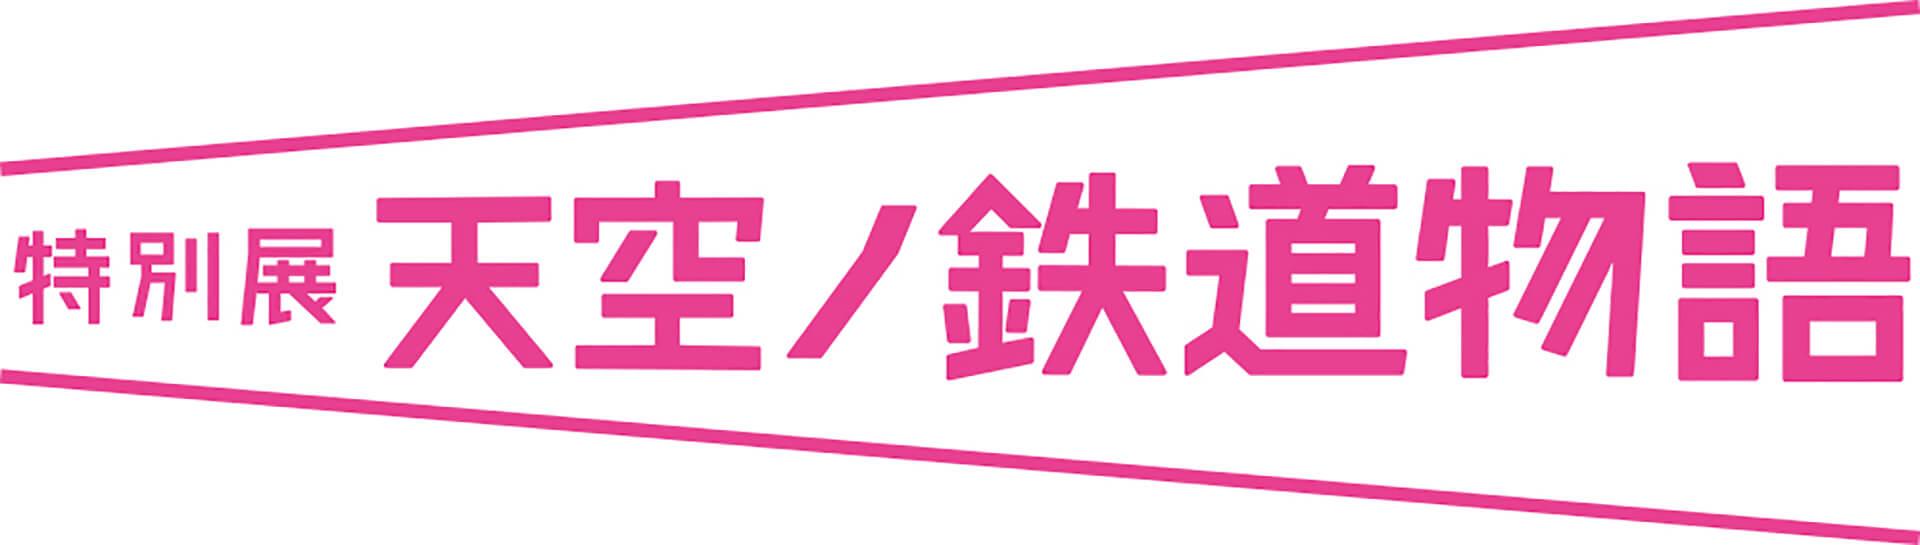 特別展 天空ノ鉄道物語ロゴ